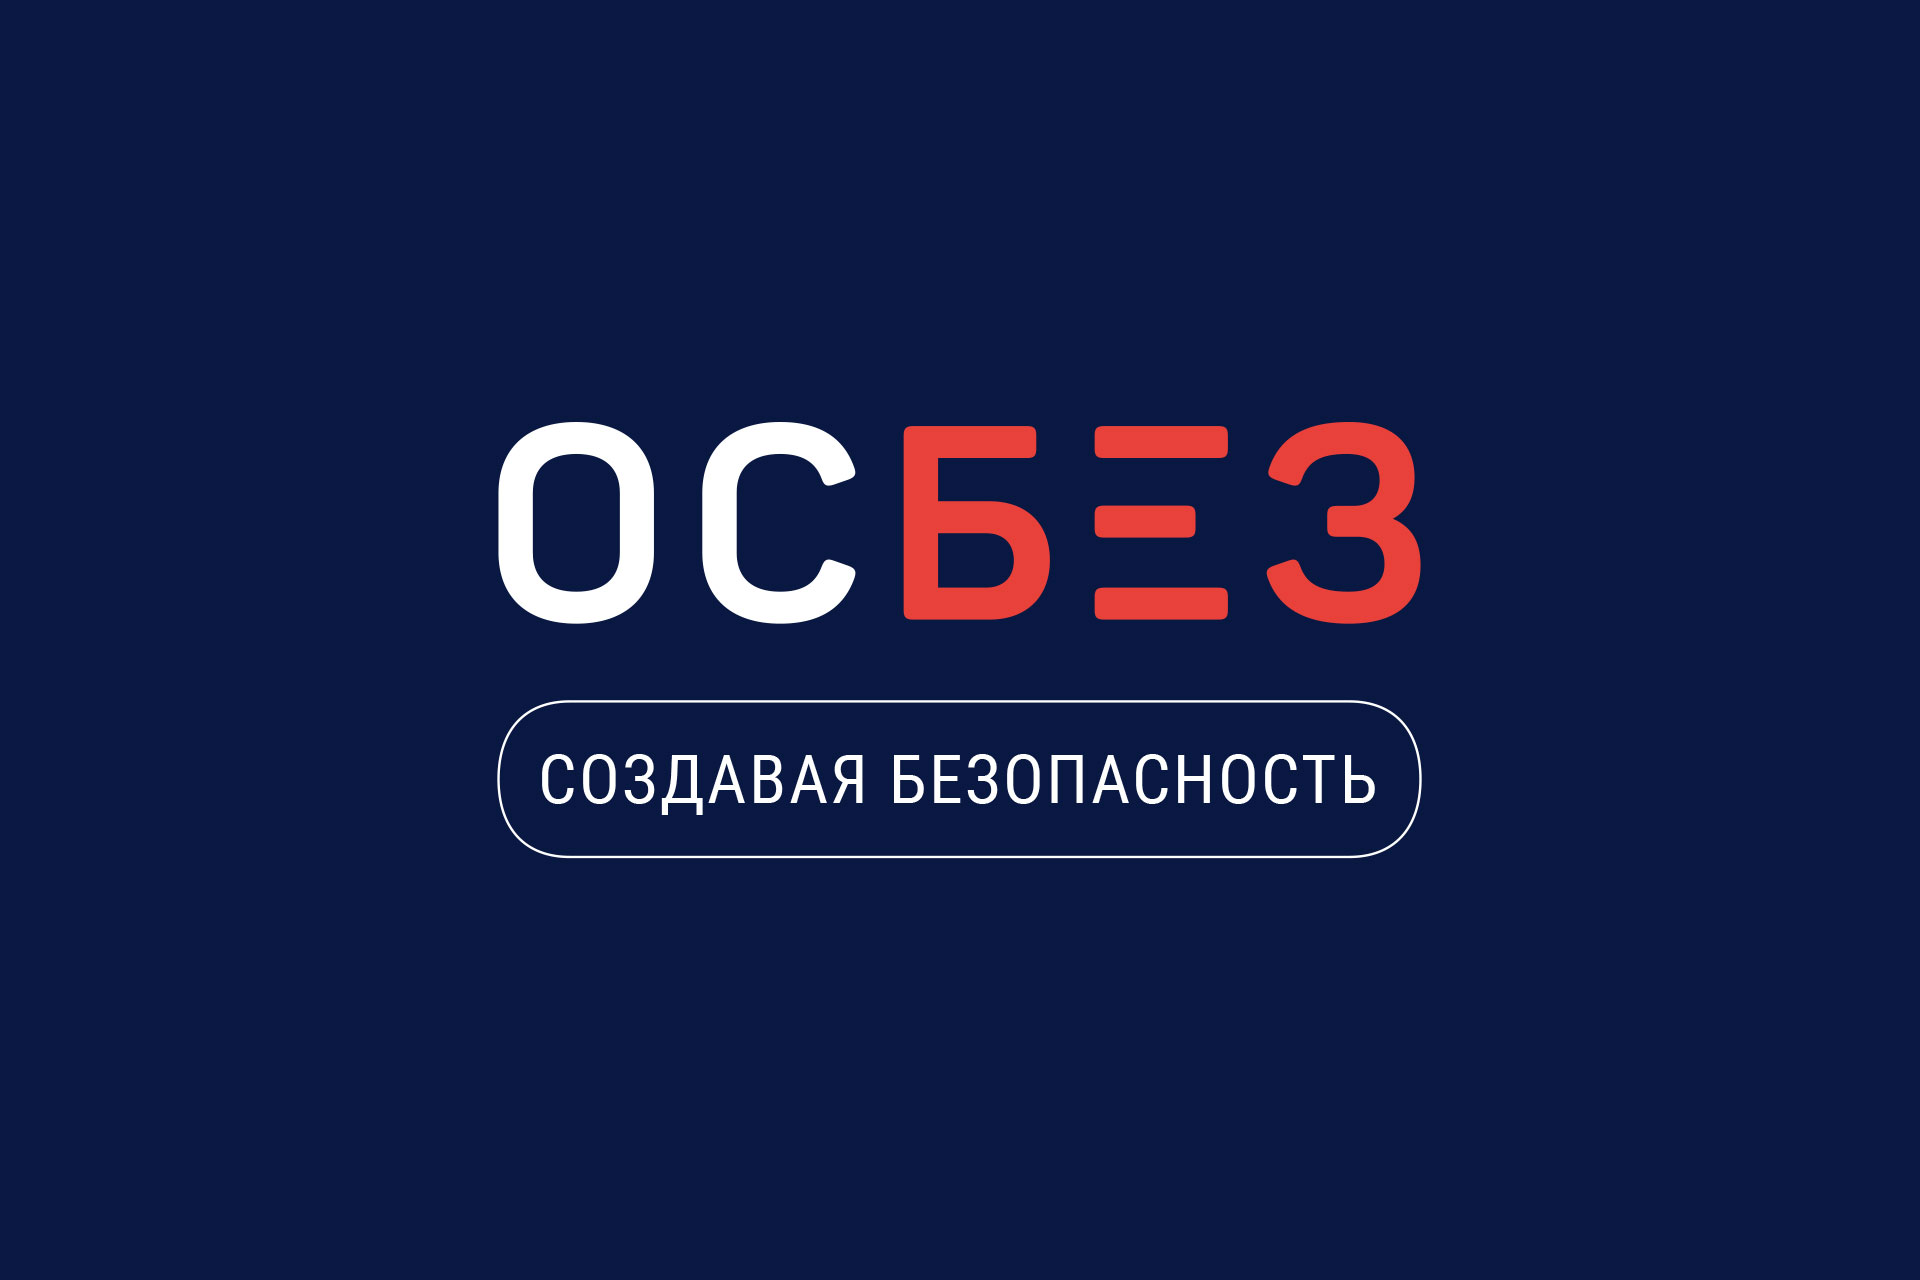 Разработка бренда для компании ОСБЕЗ Портфолио брендингового агентства Bramar